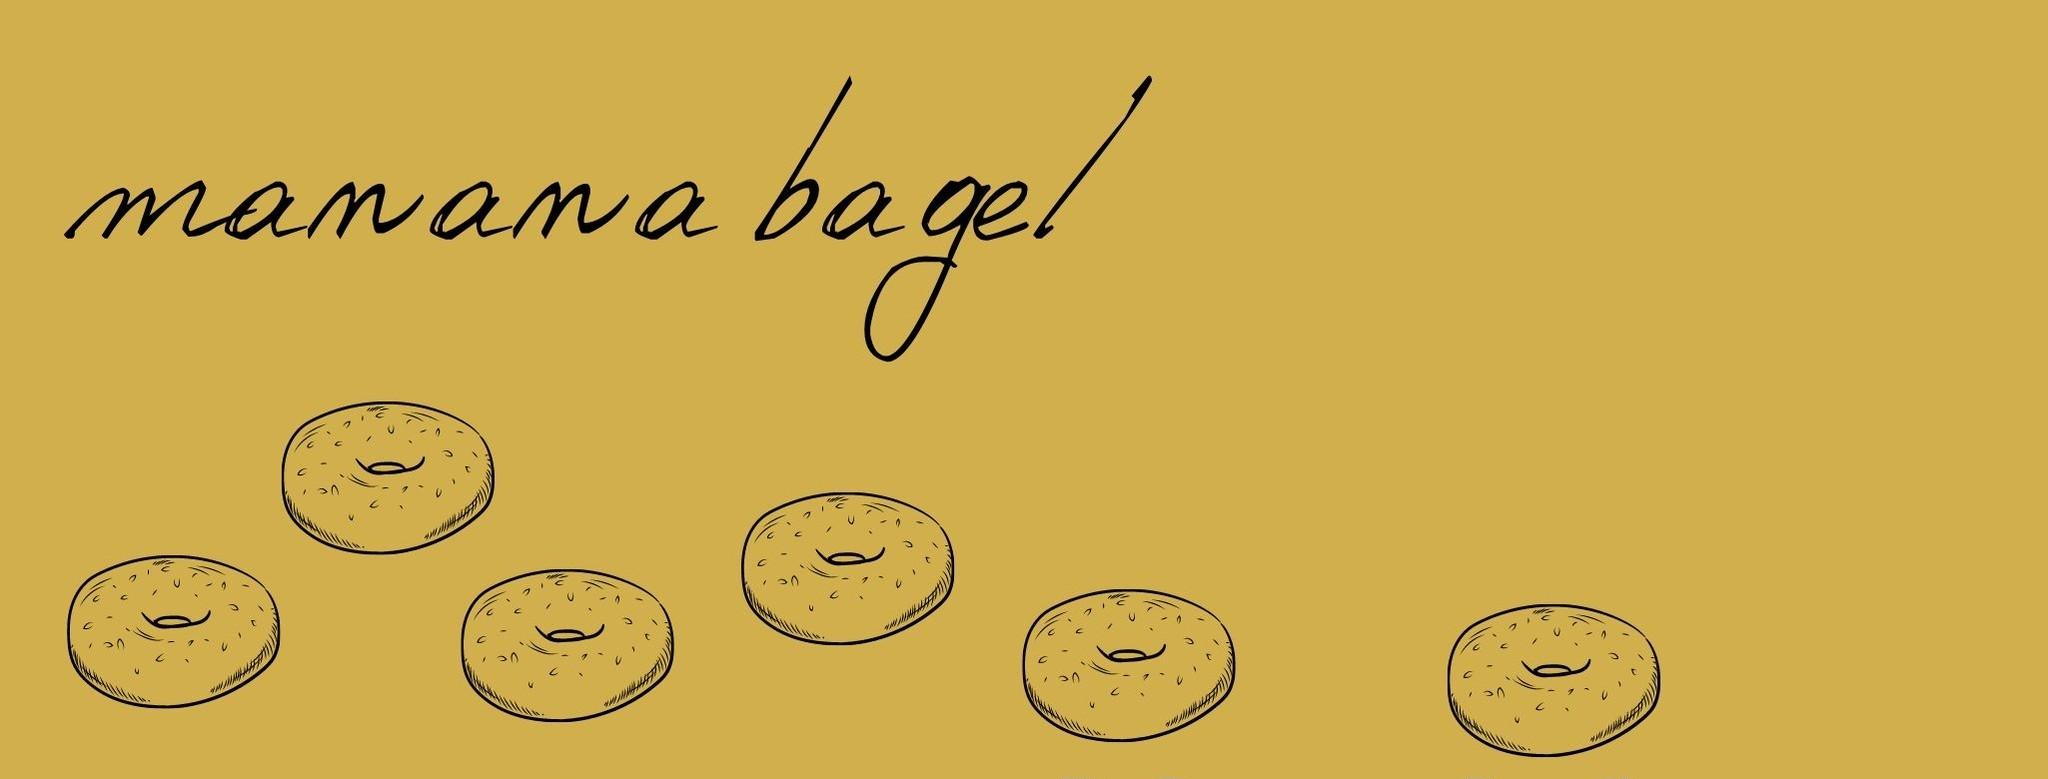 manana bagel